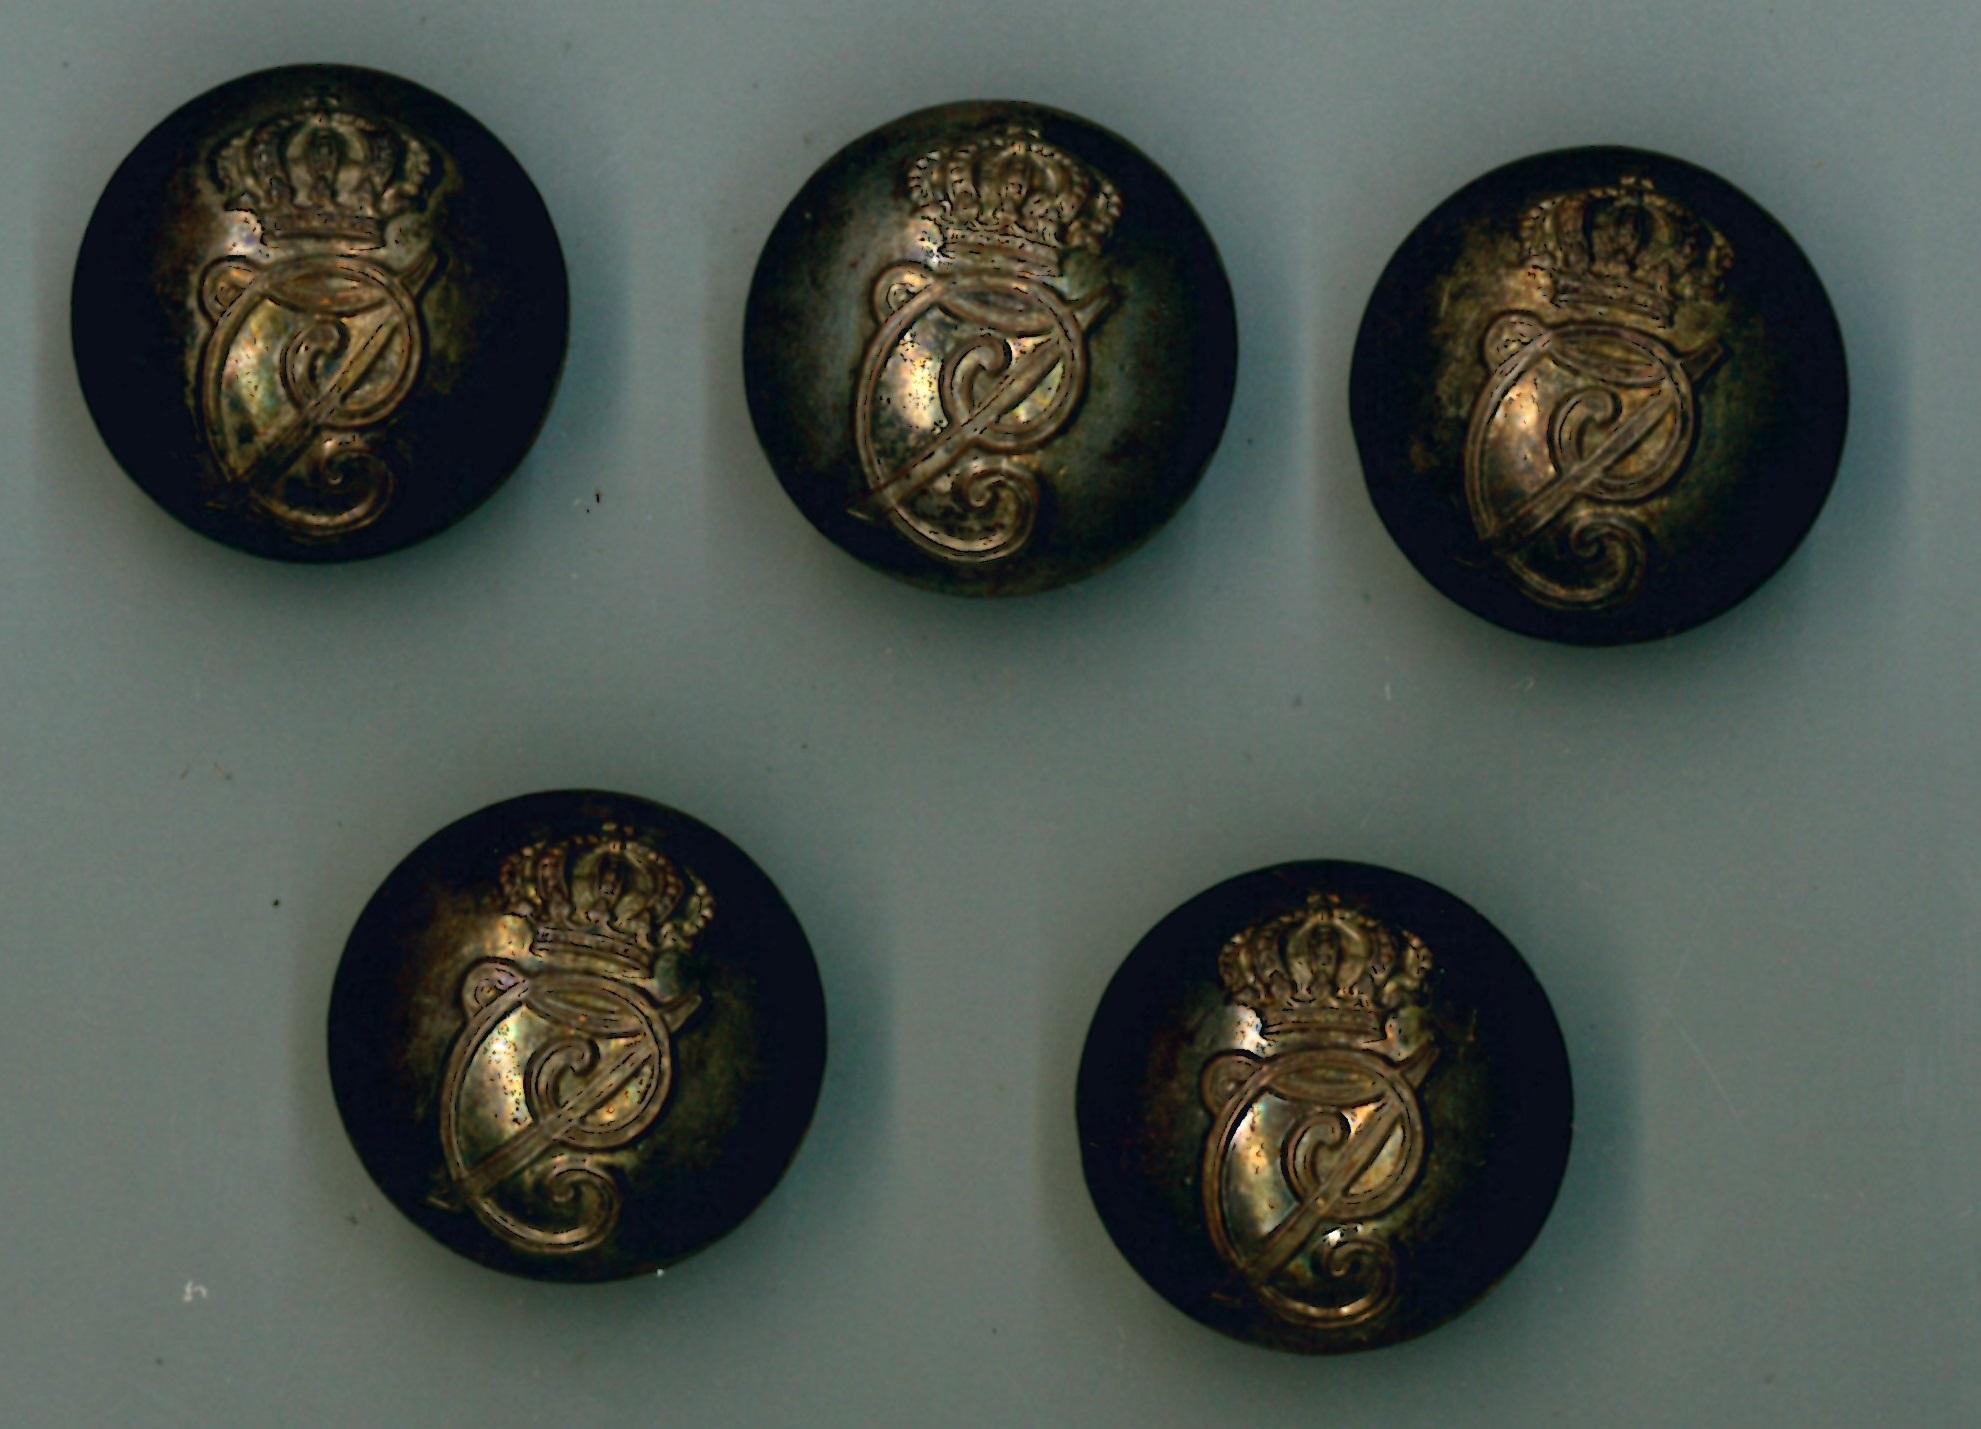 Botones de uniforma carlista